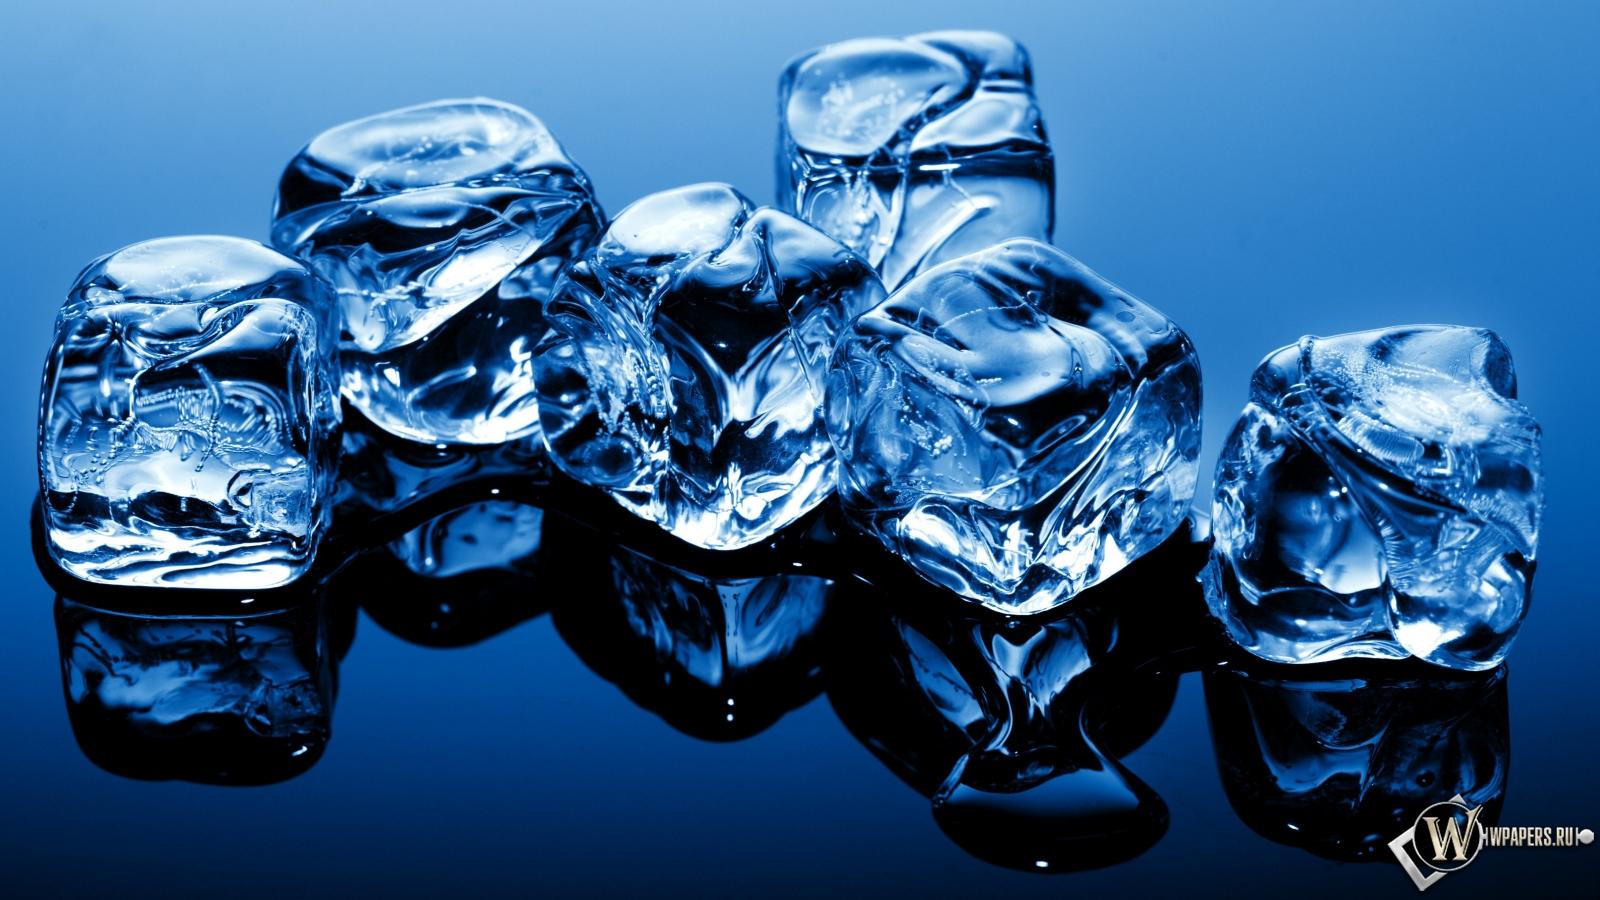 Кубики льда 1600x900